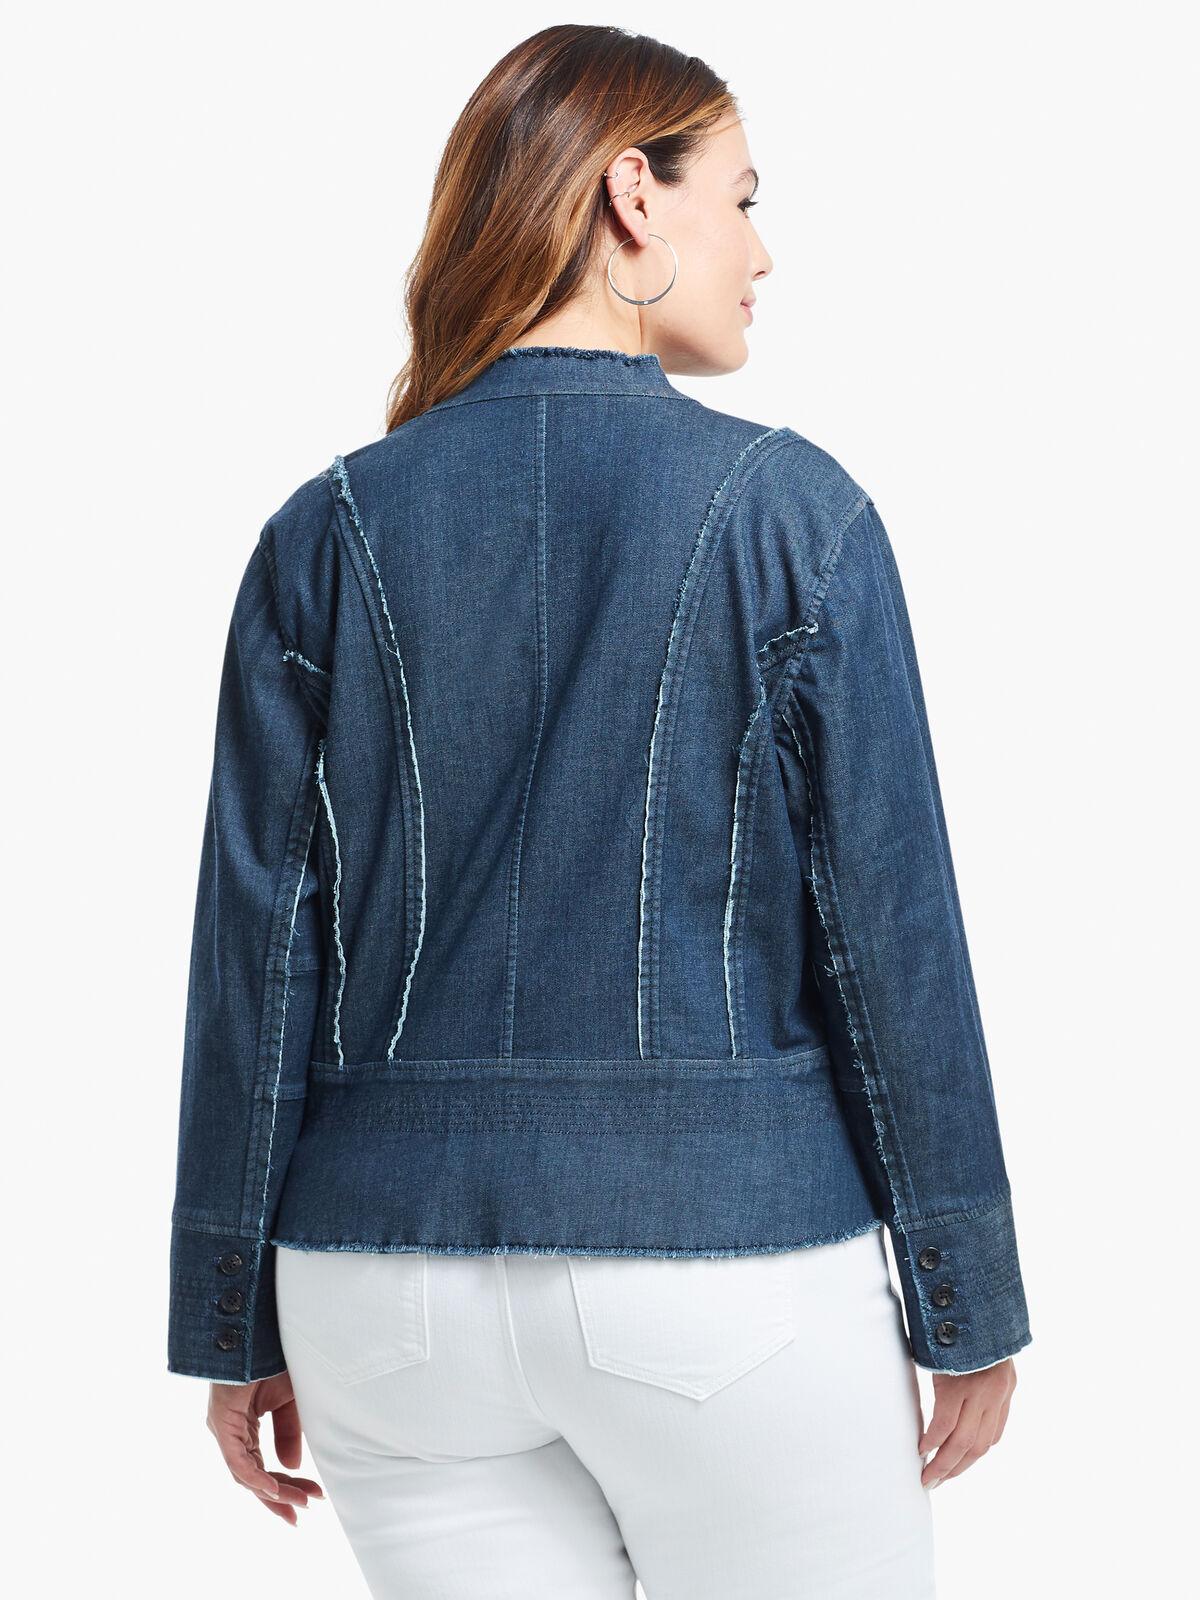 Our Favorite Denim Jacket